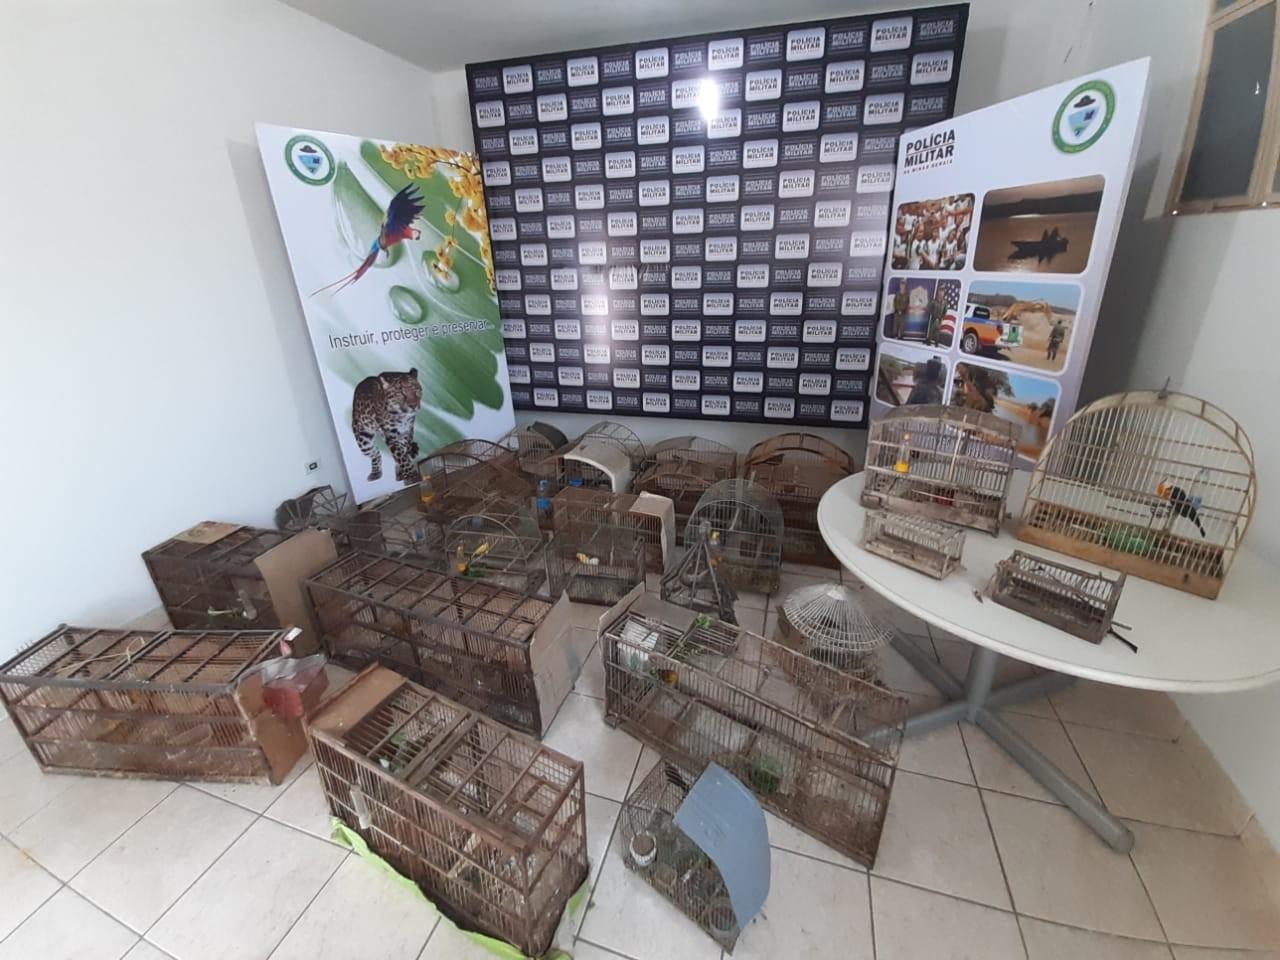 Operação 'Fauna I' prende sete pessoas suspeitas de caçar aves em cidades do Centro-Oeste de MG - Notícias - Plantão Diário